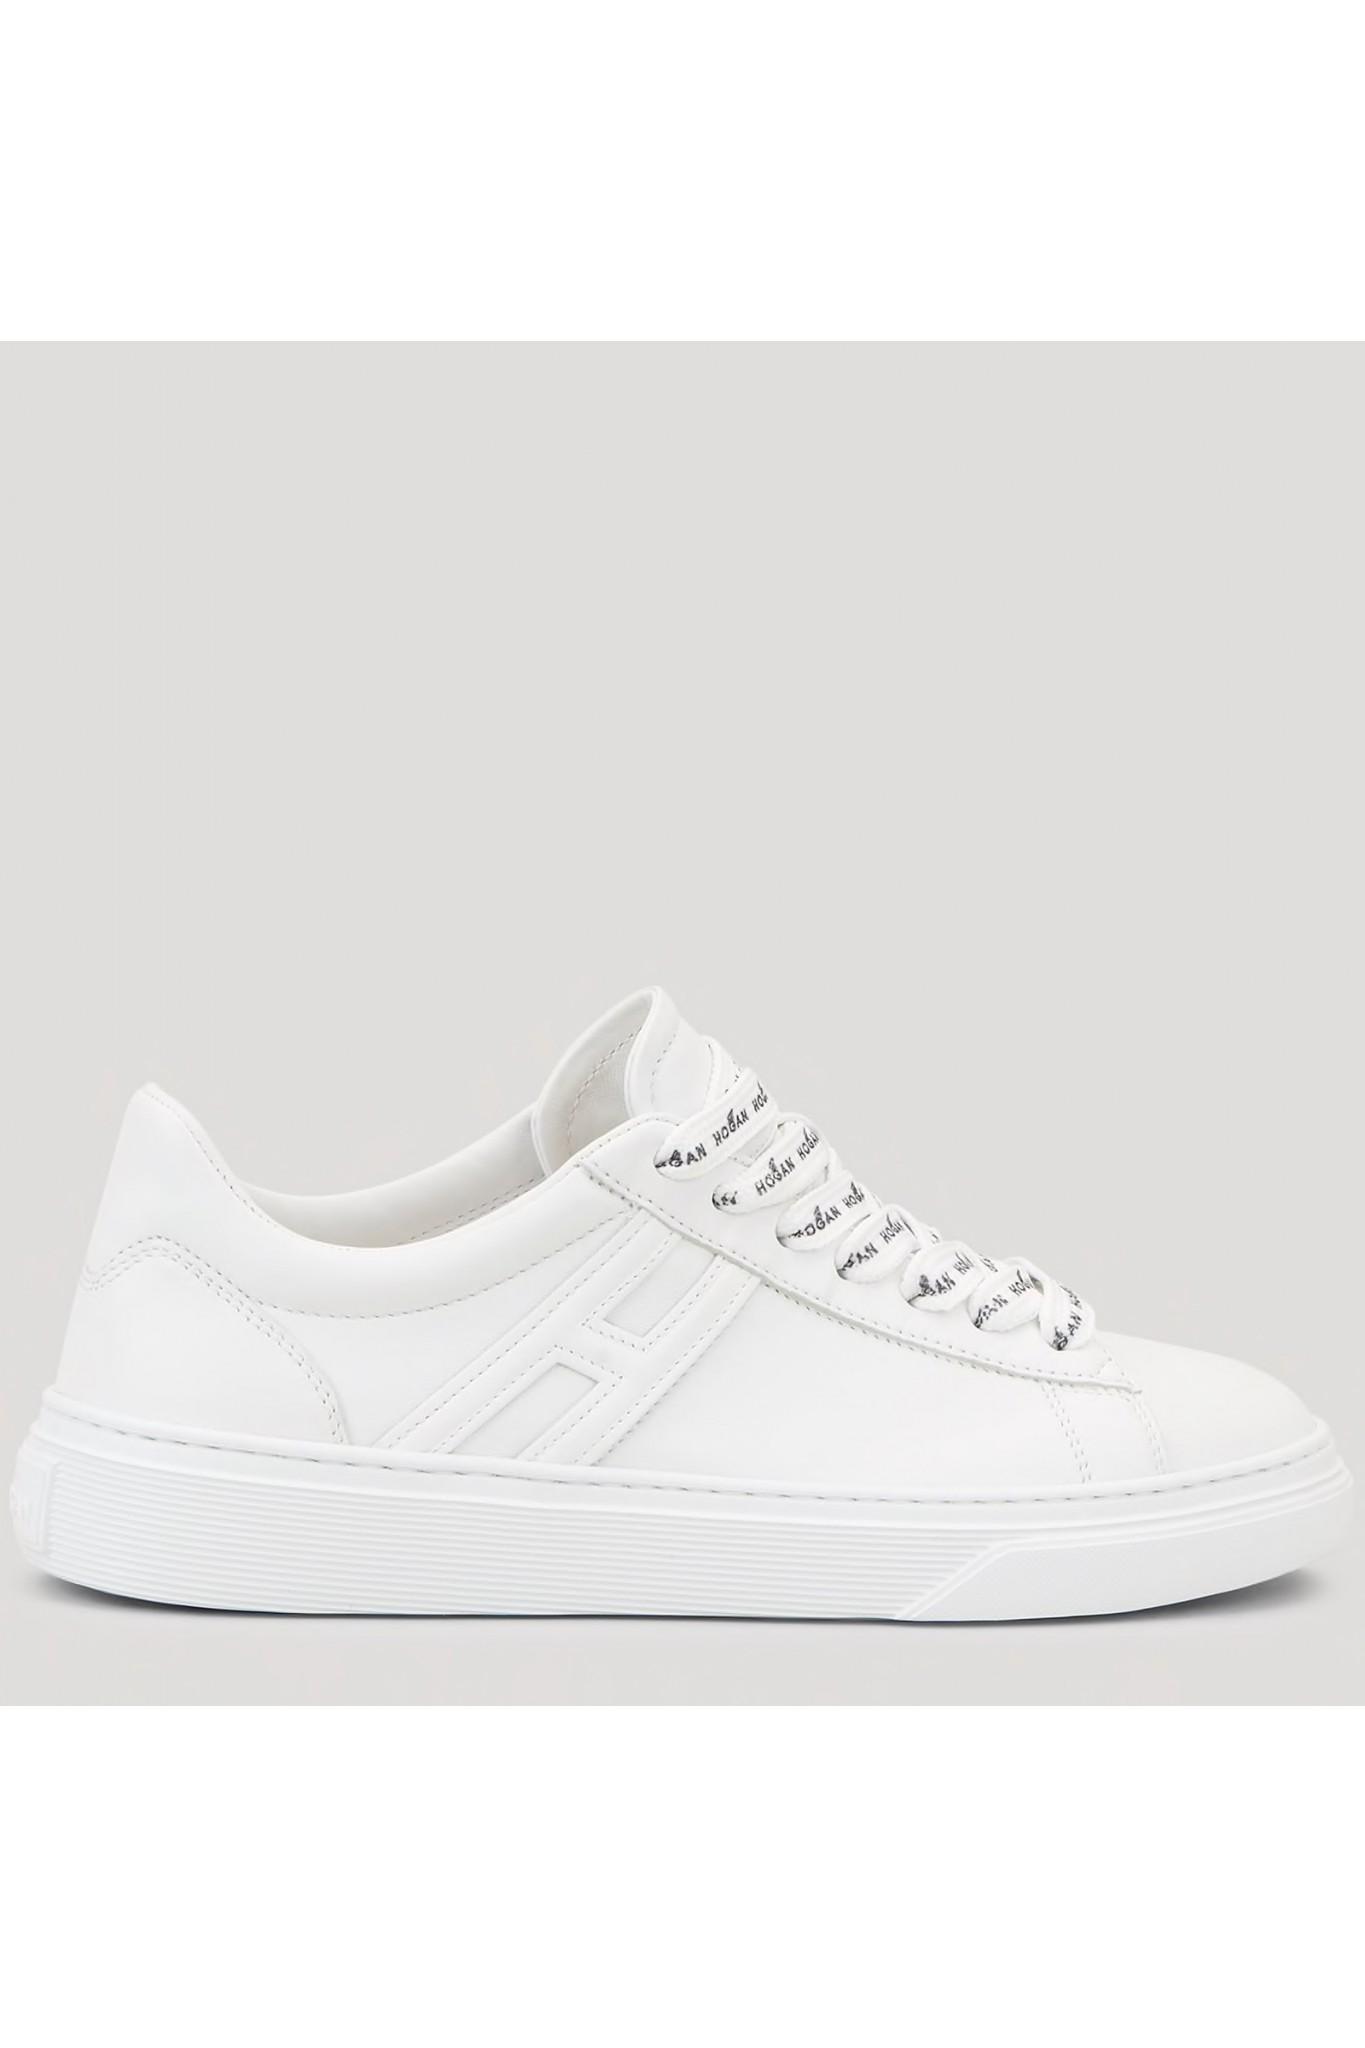 Vendita online scarpe Hogan H365 in pelle bianca da donna.